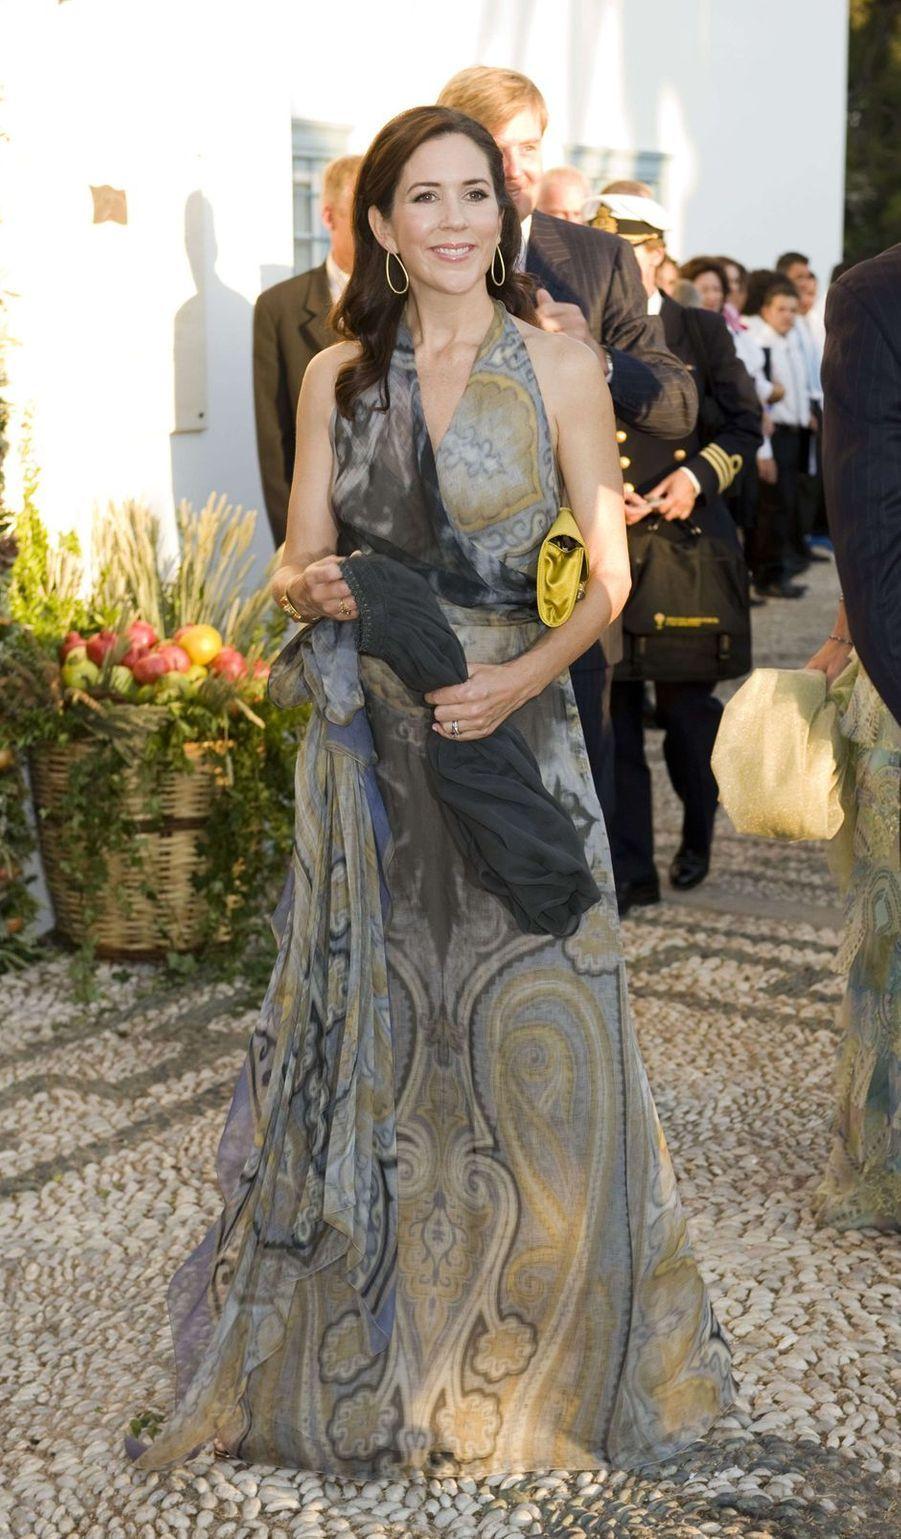 La princesse Mary de Danemark sur l'île de Spetses, le 25 août 2010